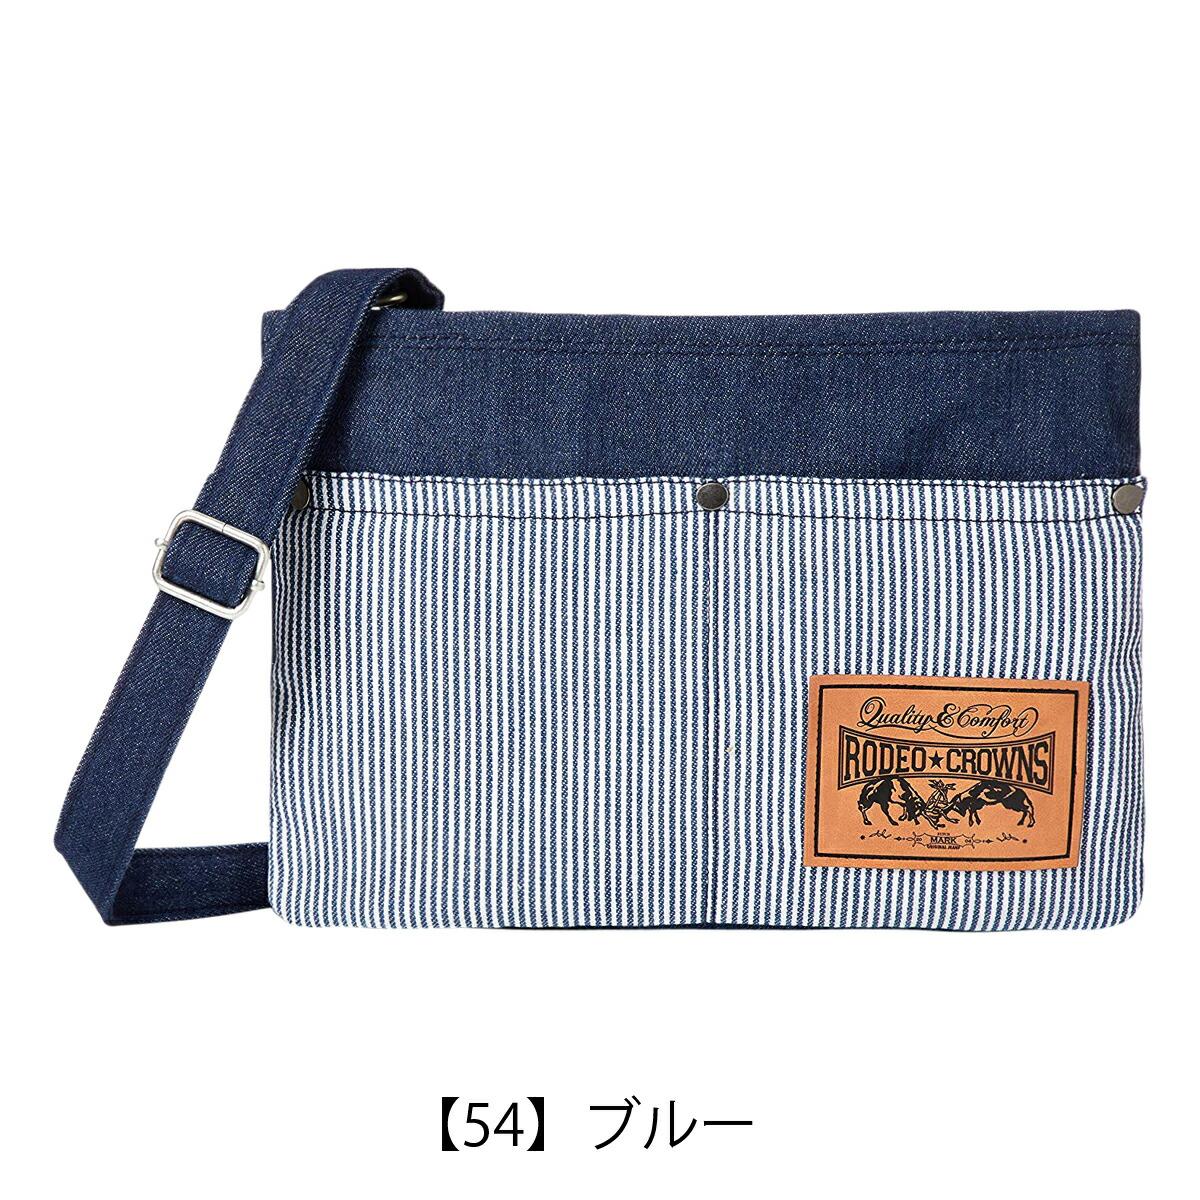 【54】ブルー